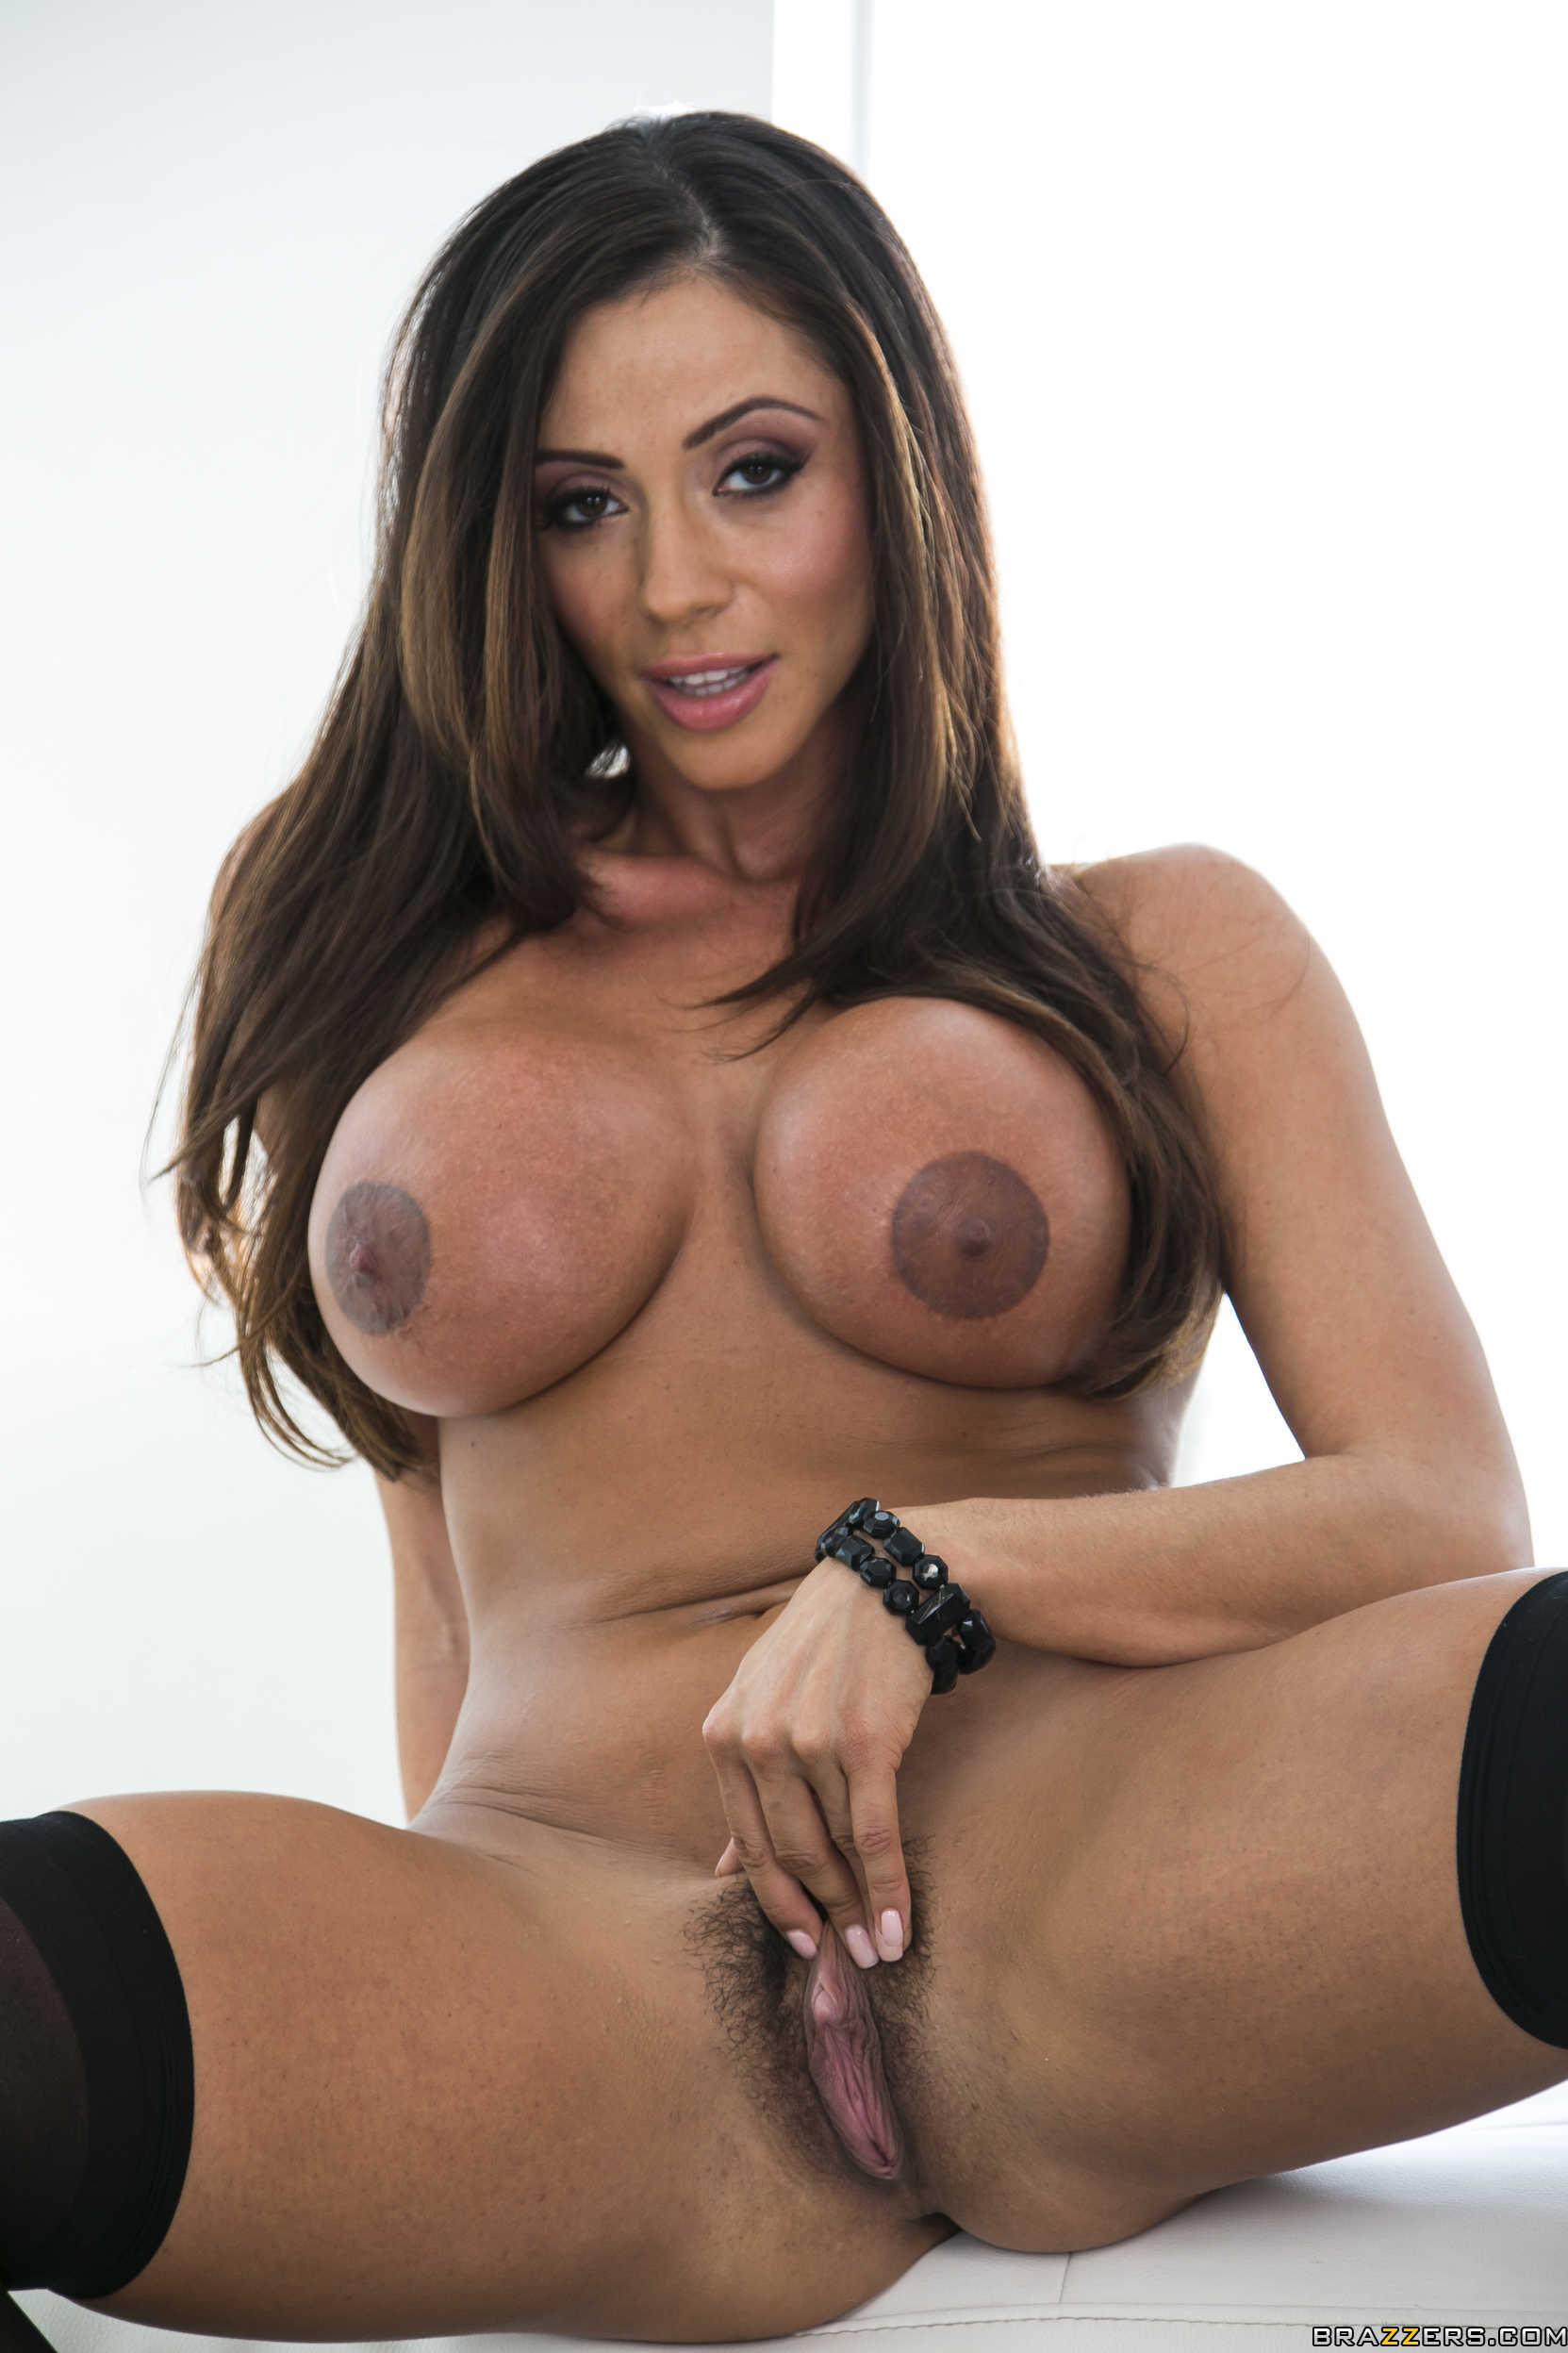 porno salvadorena